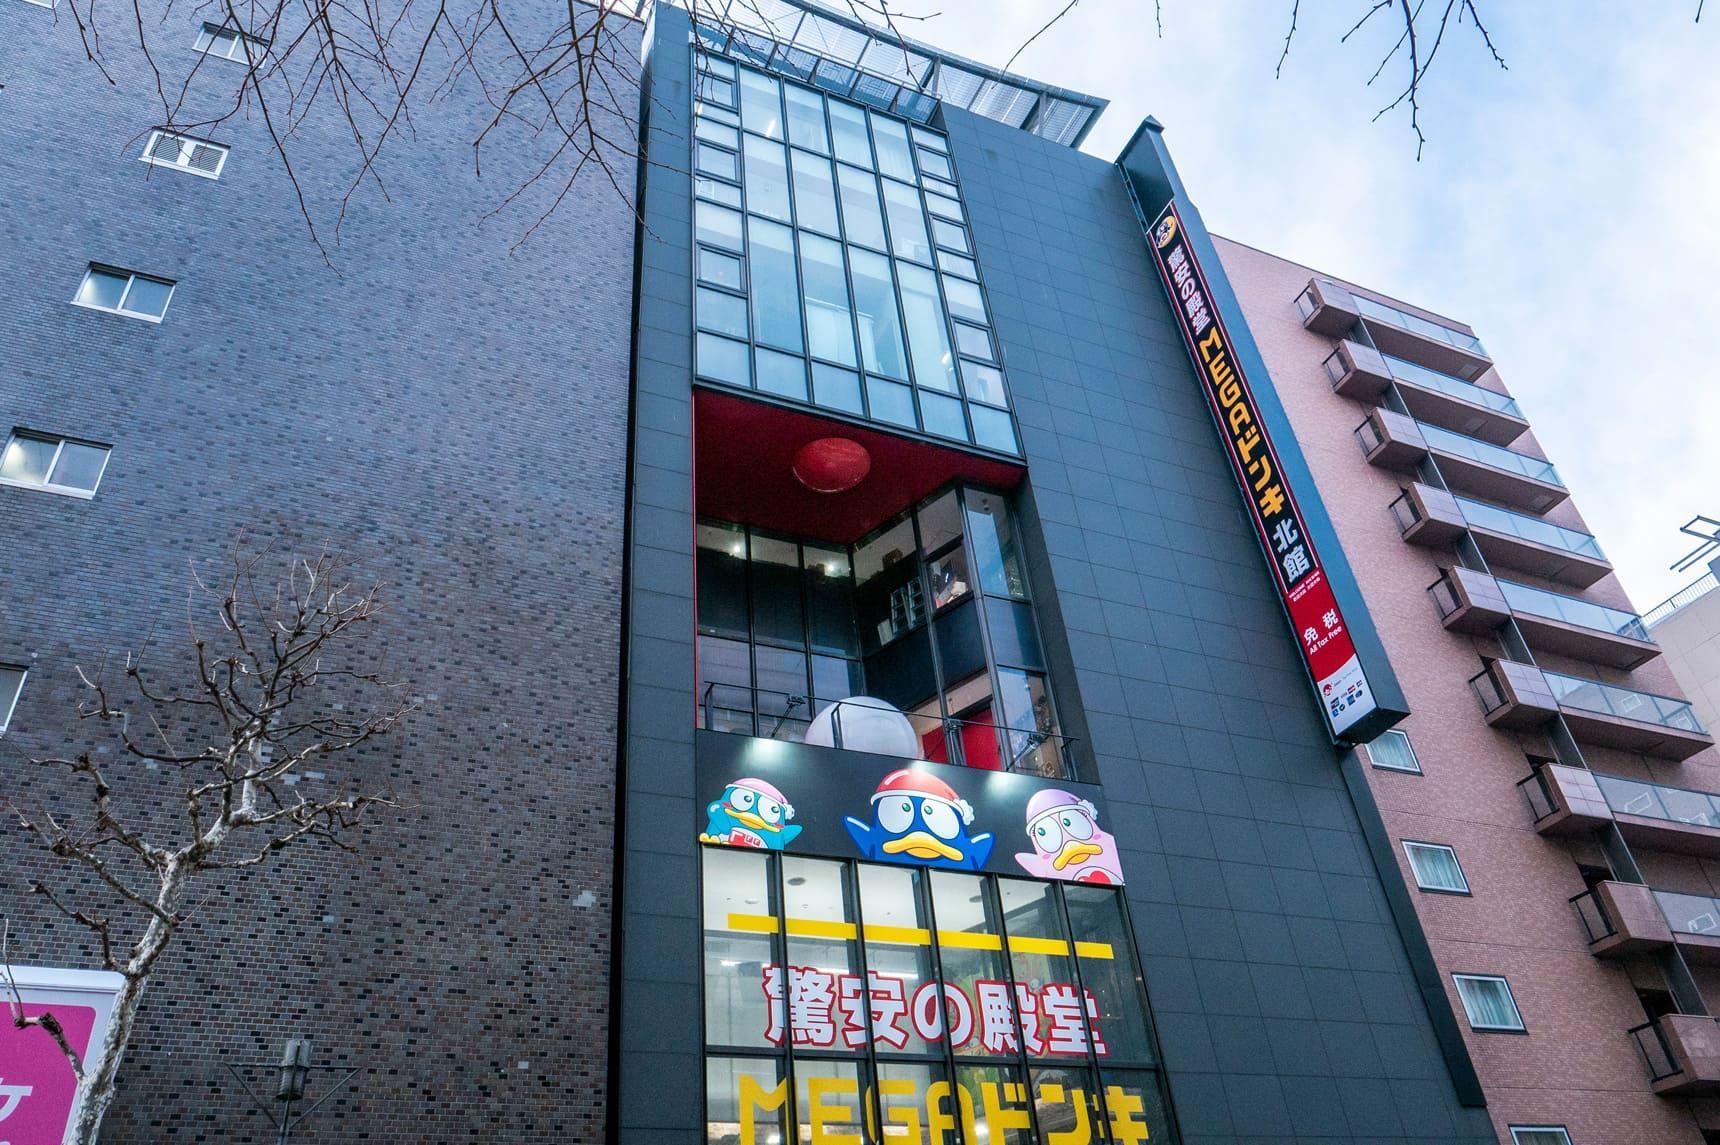 ドンキホーテ札幌狸小路店